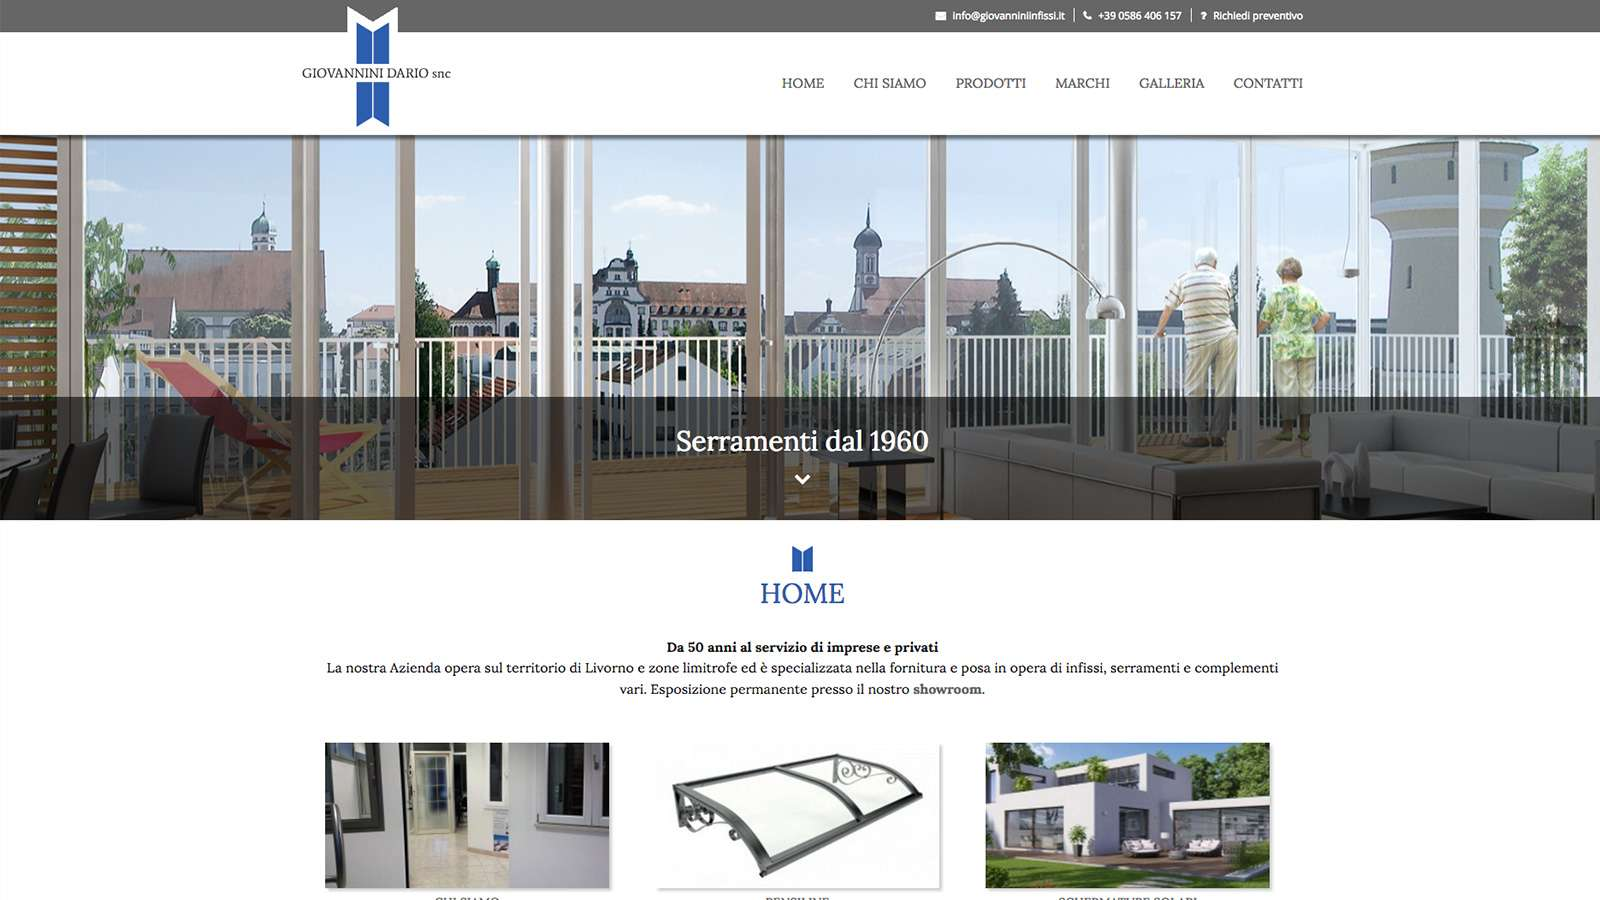 Giovannini infissi studio ellipse grafica e web design for Sito web design piano piano